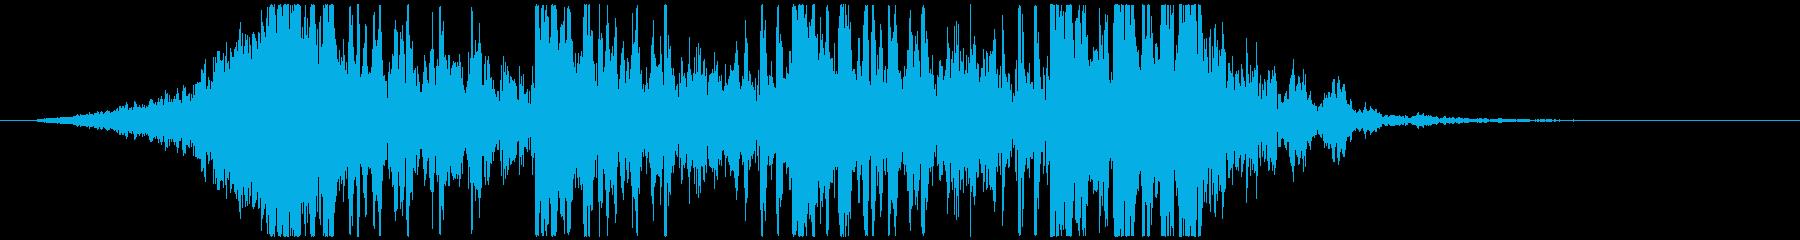 壮大で激しいリズムのサウンドロゴA(長)の再生済みの波形